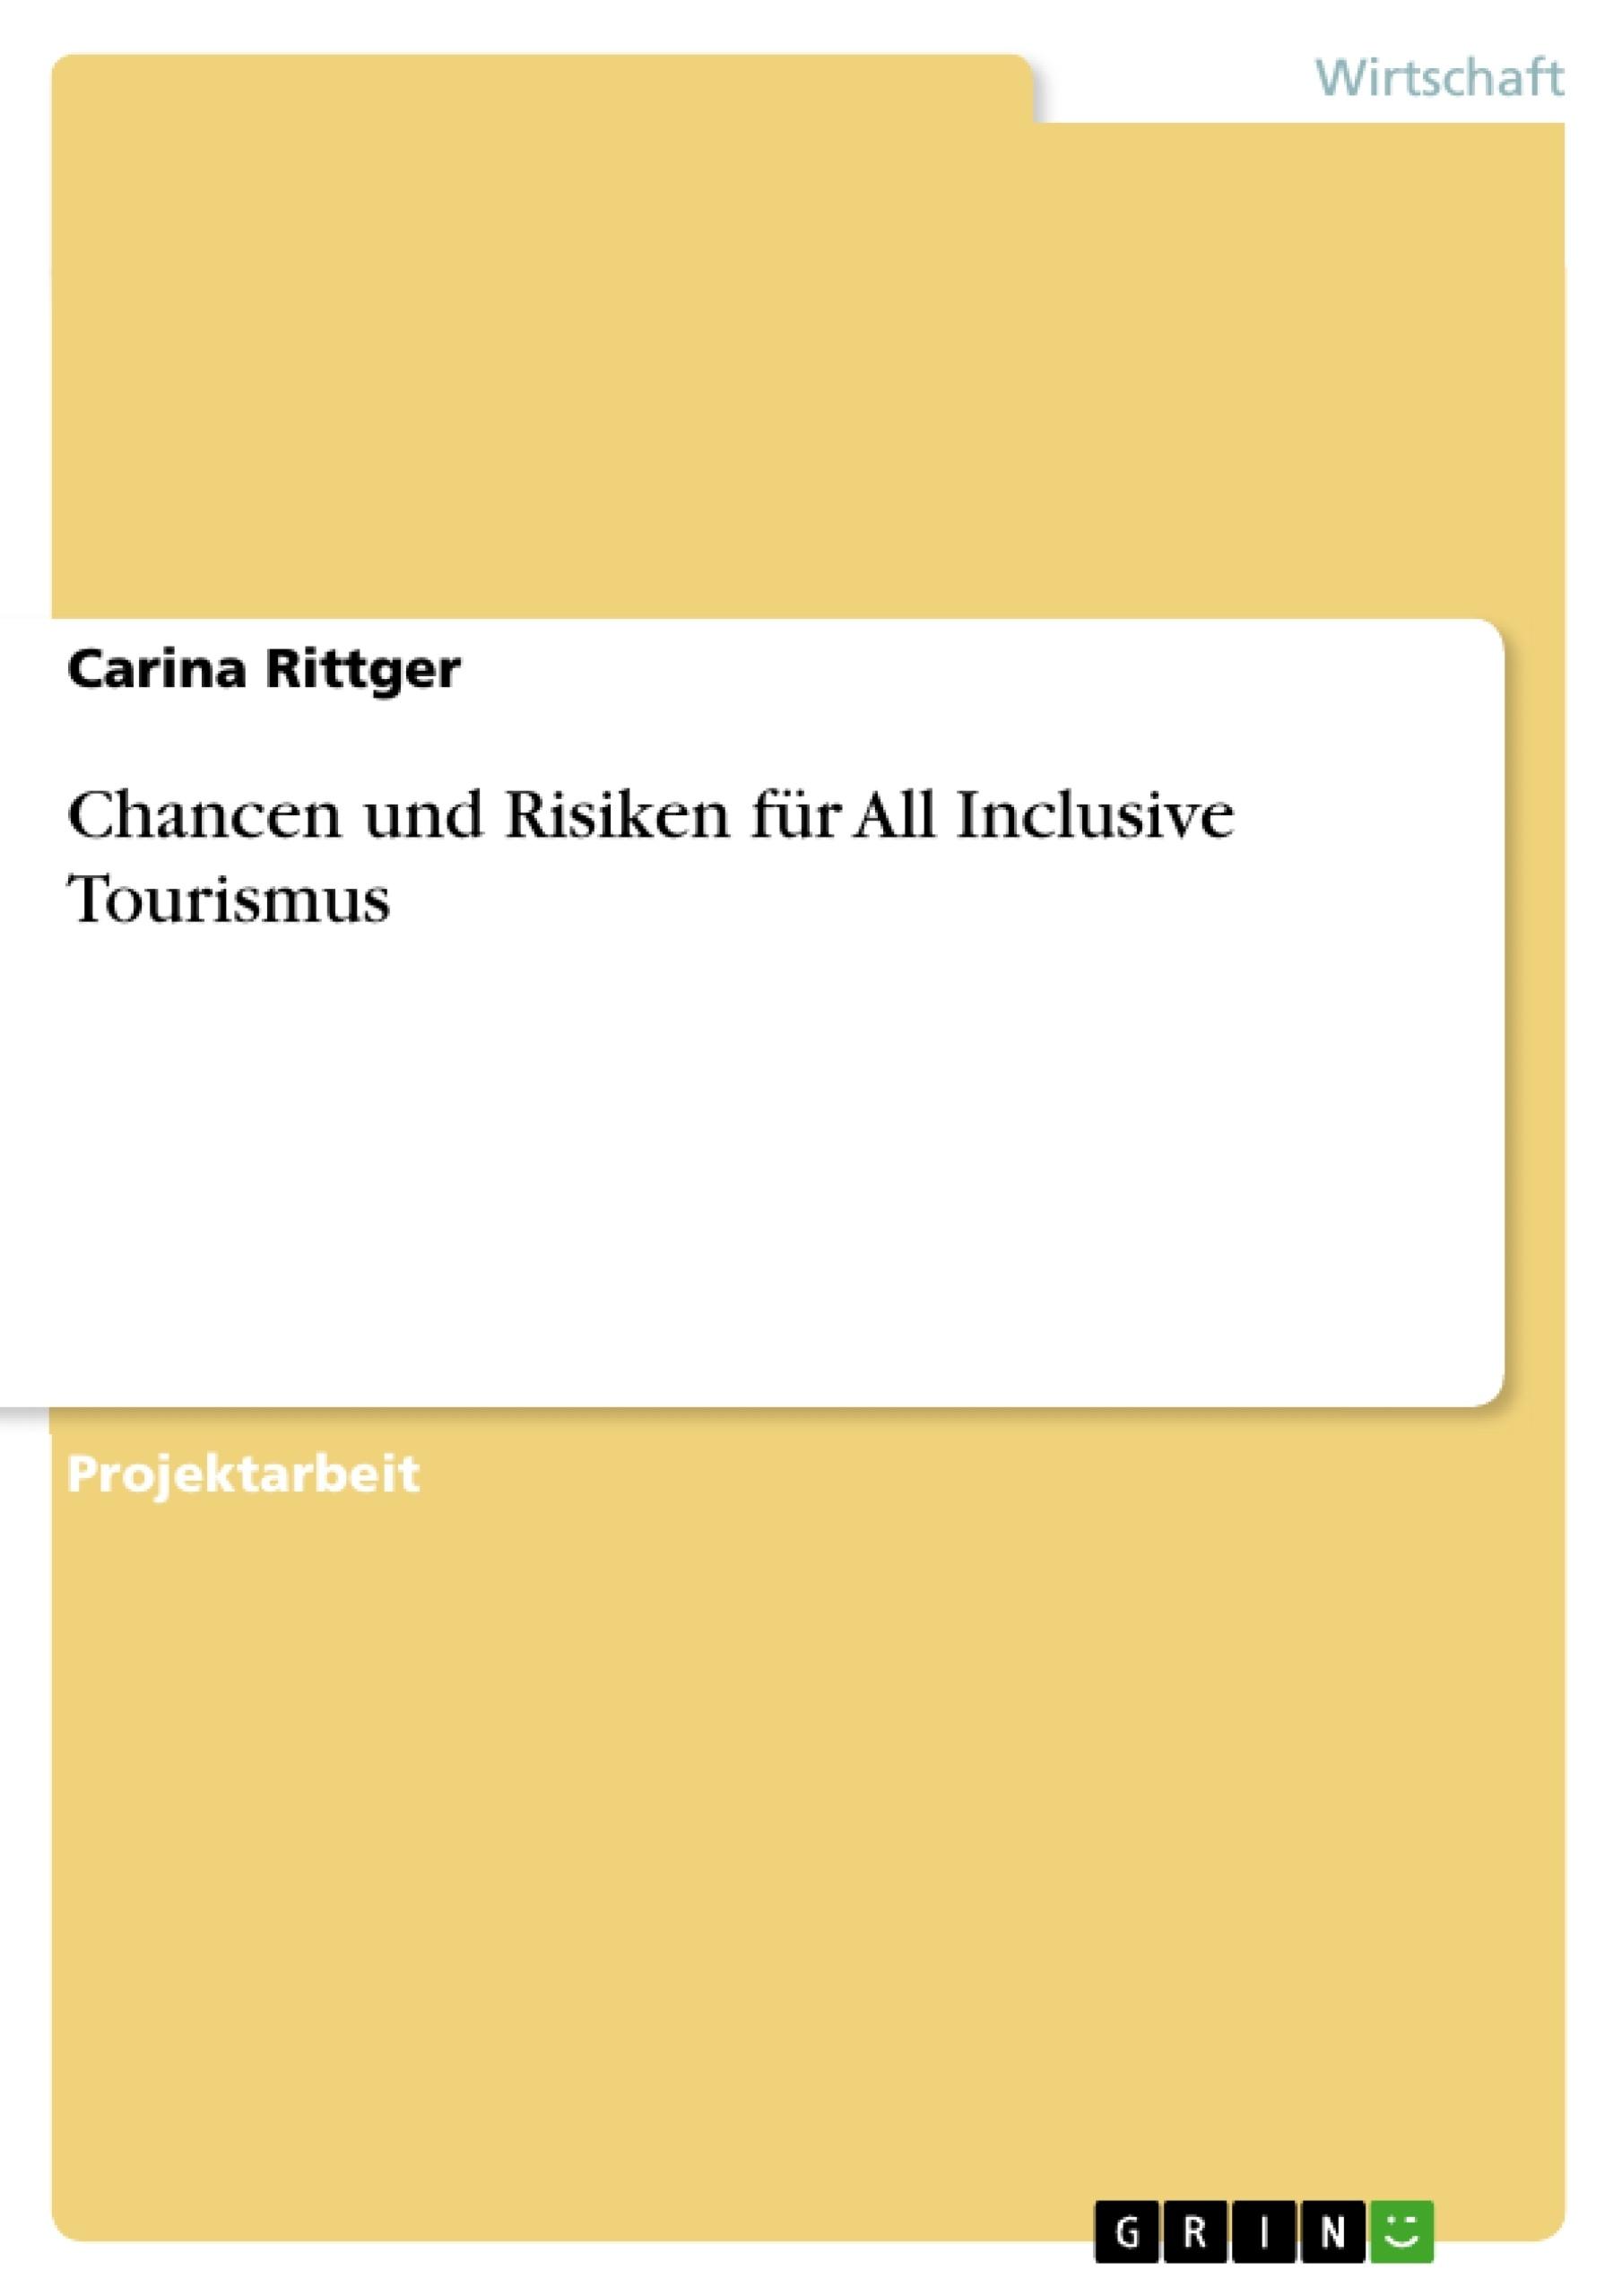 Titel: Chancen und Risiken für All Inclusive Tourismus